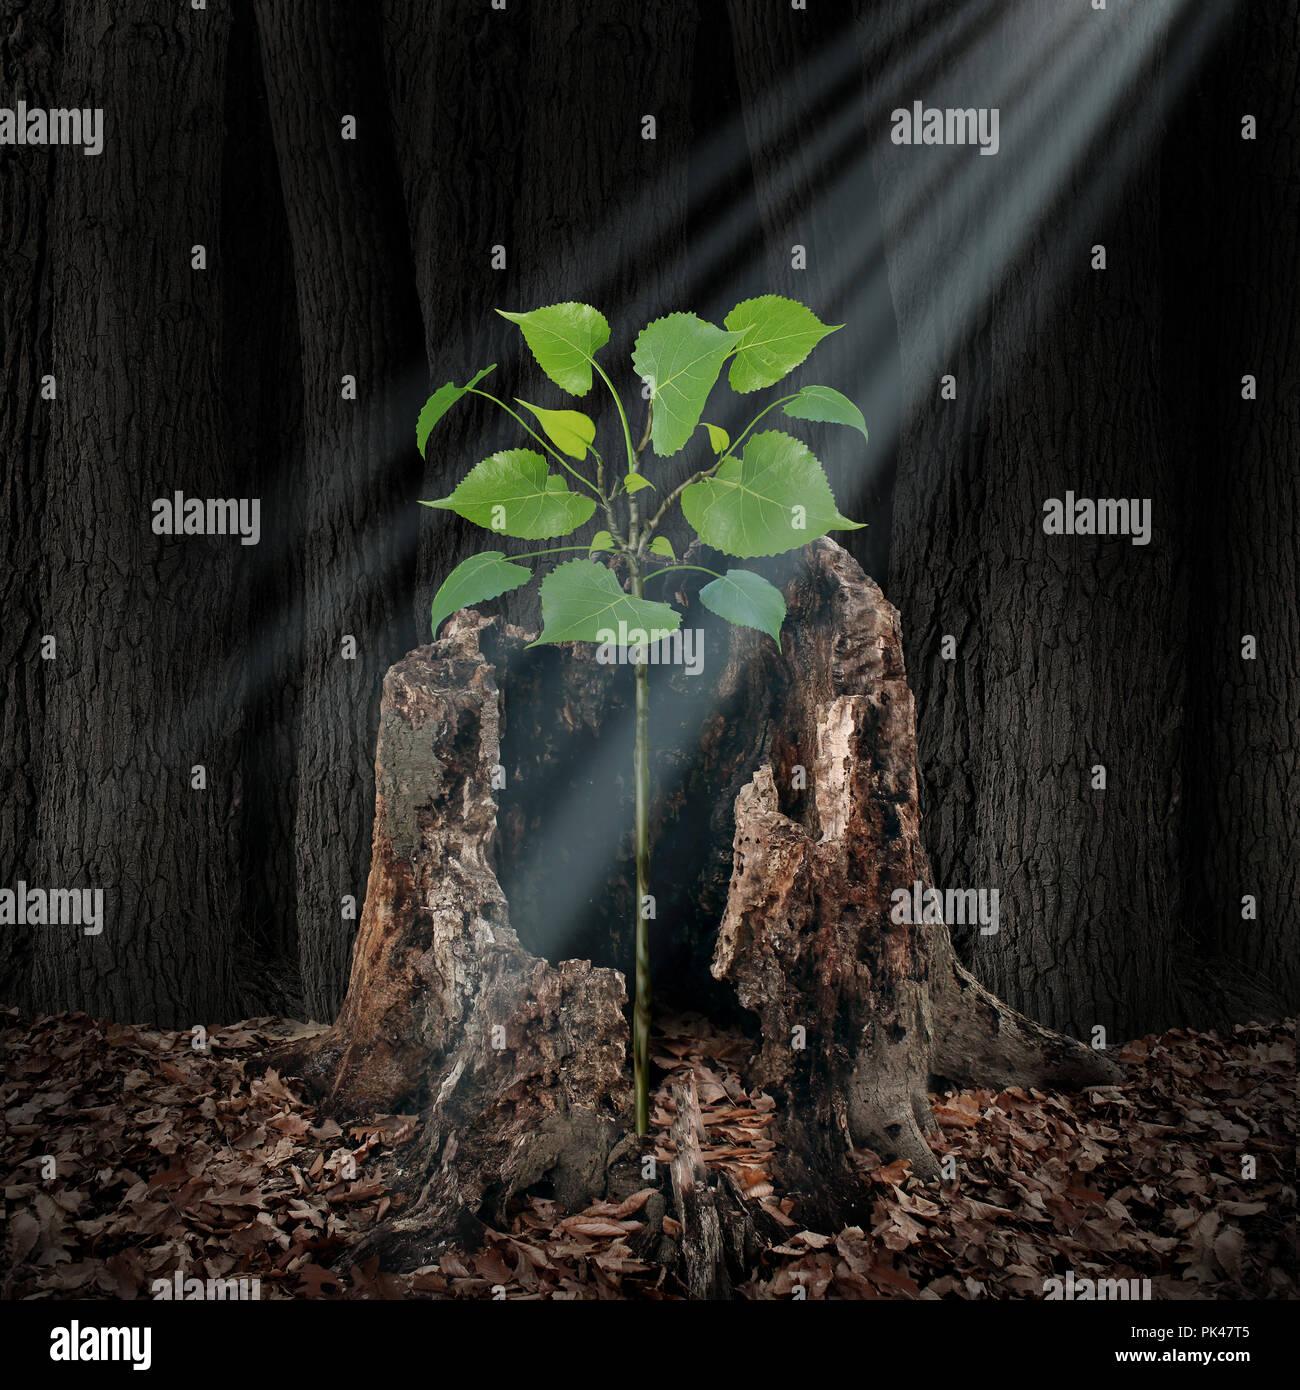 Croire et foi concept comme un rayon de lumière qui brille d'en haut sur un jeune arbre, fruit d'un arbre mort comme un espoir et la spiritualité idée. Banque D'Images